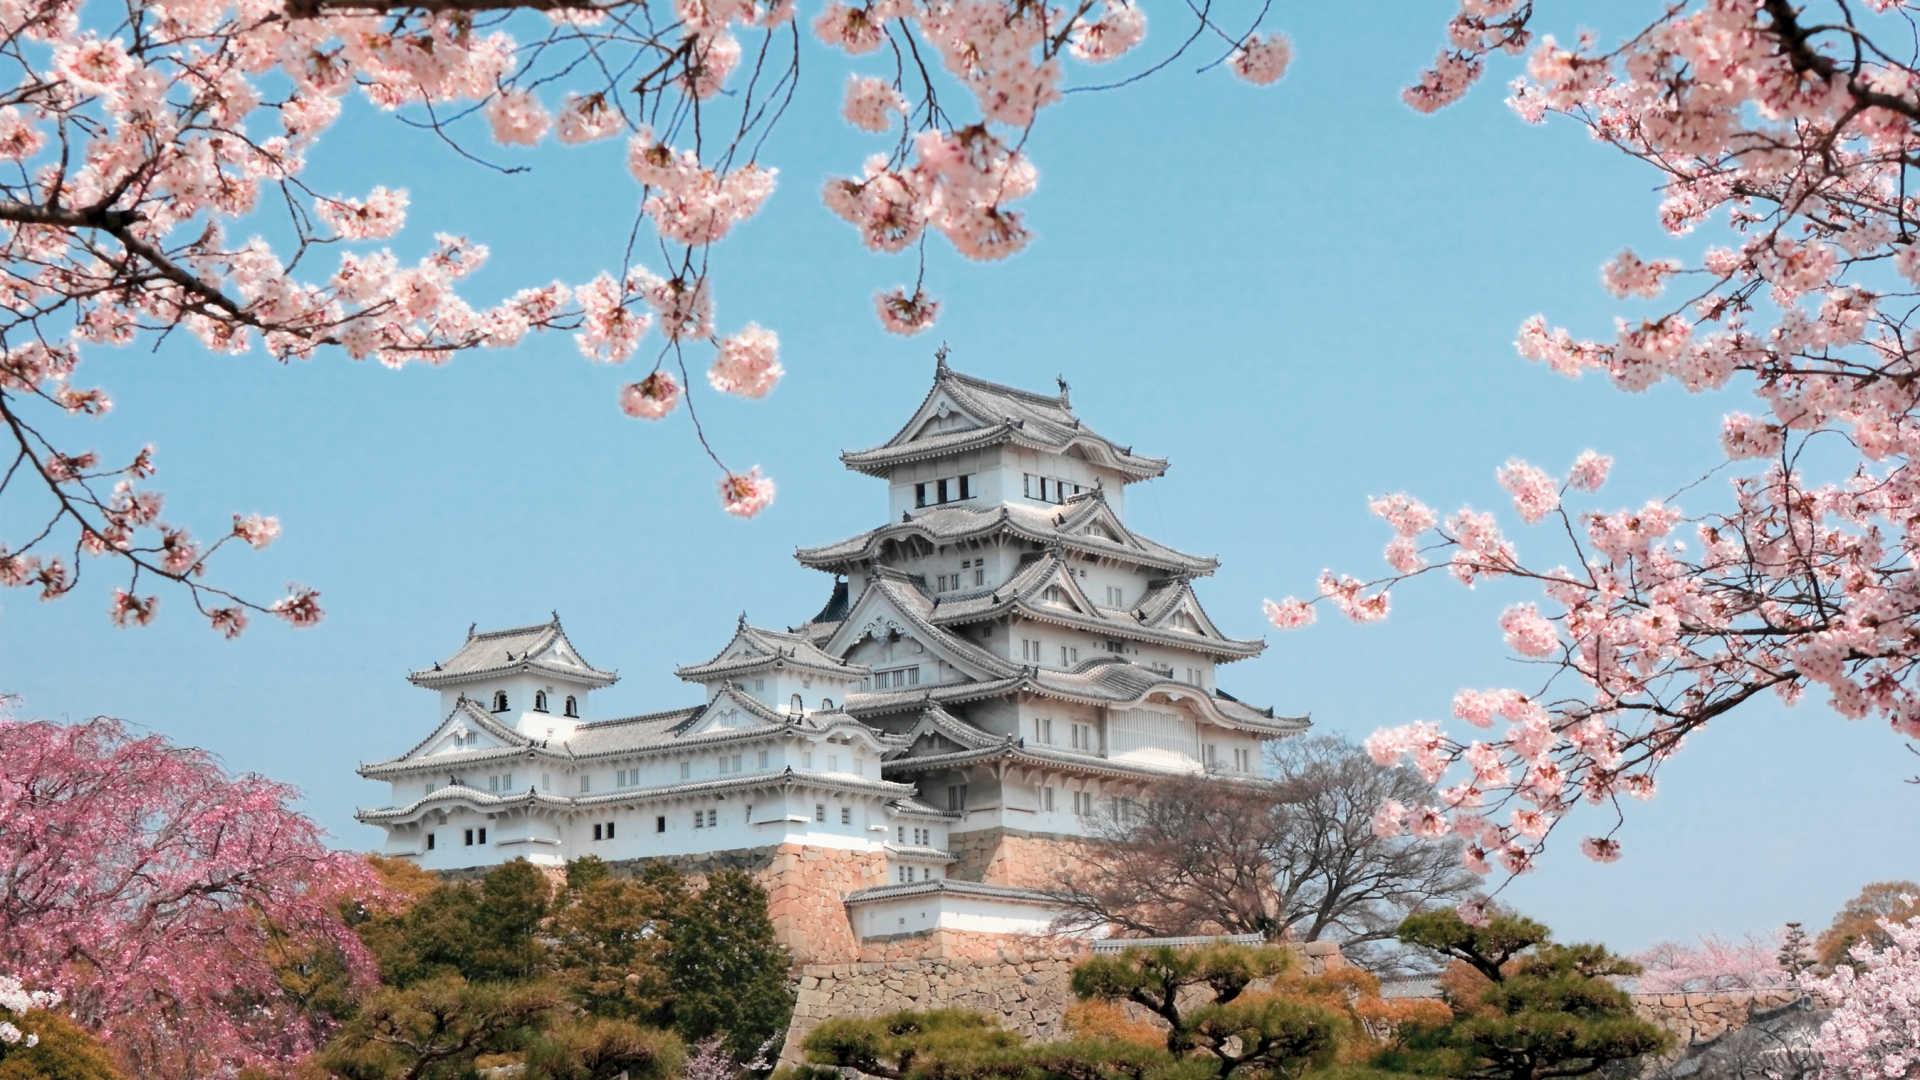 Hình ảnh Nhật Bản xinh đẹp lầu các trắng tinh